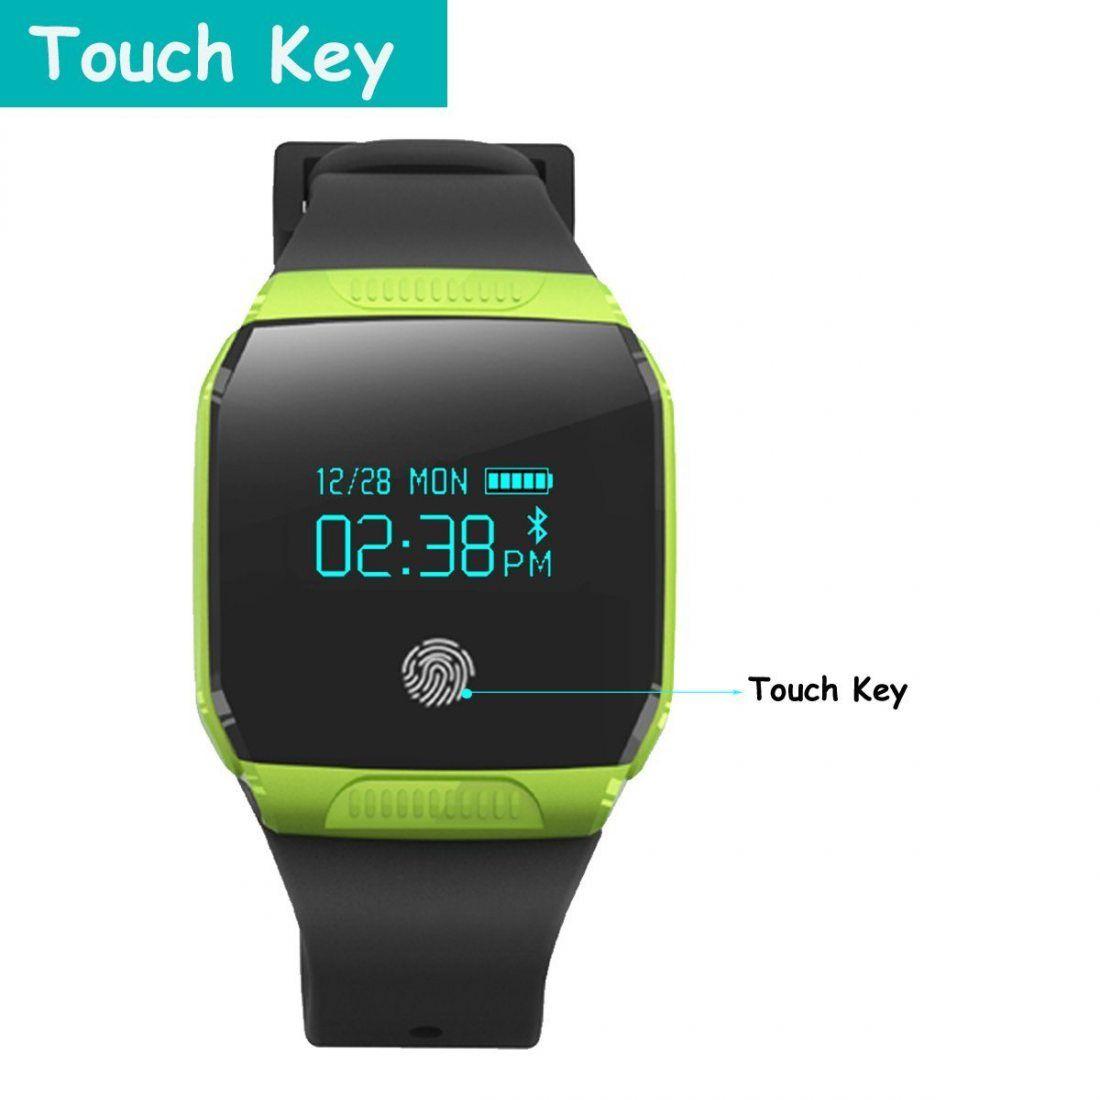 Tracker d'Activité, GanRiver® Fitness Tracker Etanche IP67 Montre Podometre Marche Bluetooth Bracelet Connecté pour Android i